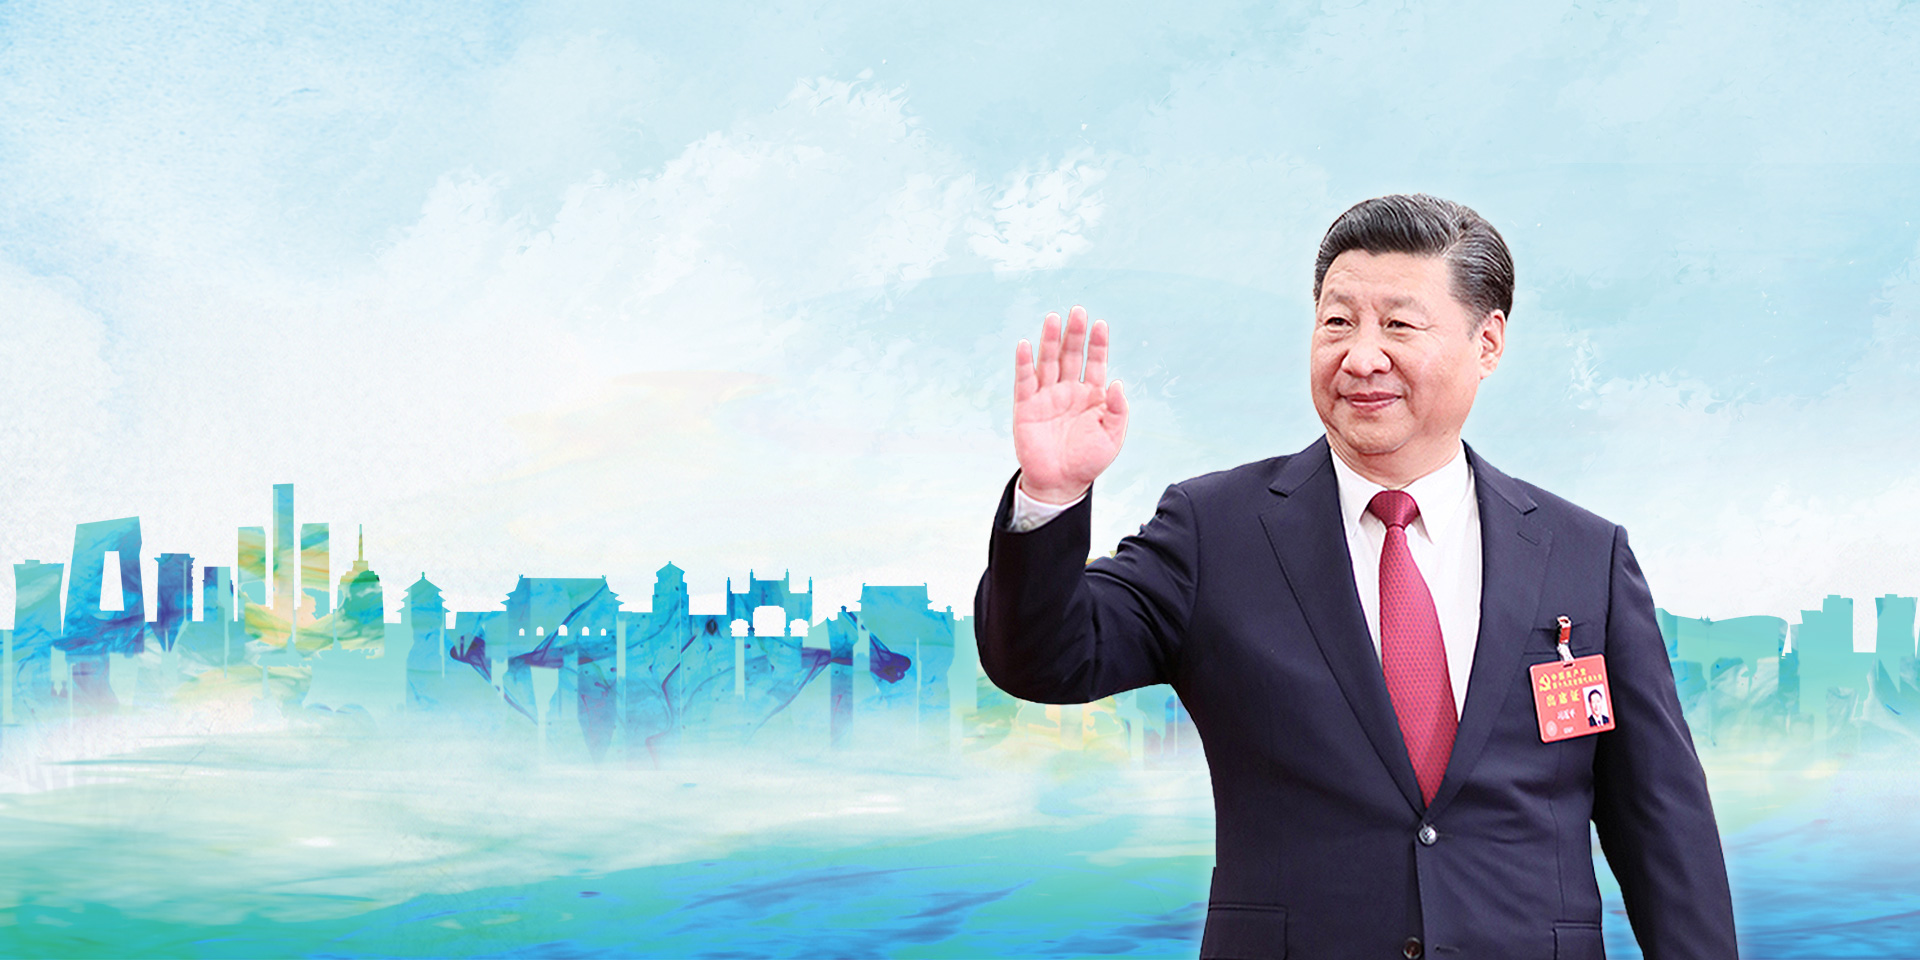 尊老敬老是中华民族的传统美德,爱老助老是全社会的共同责任。